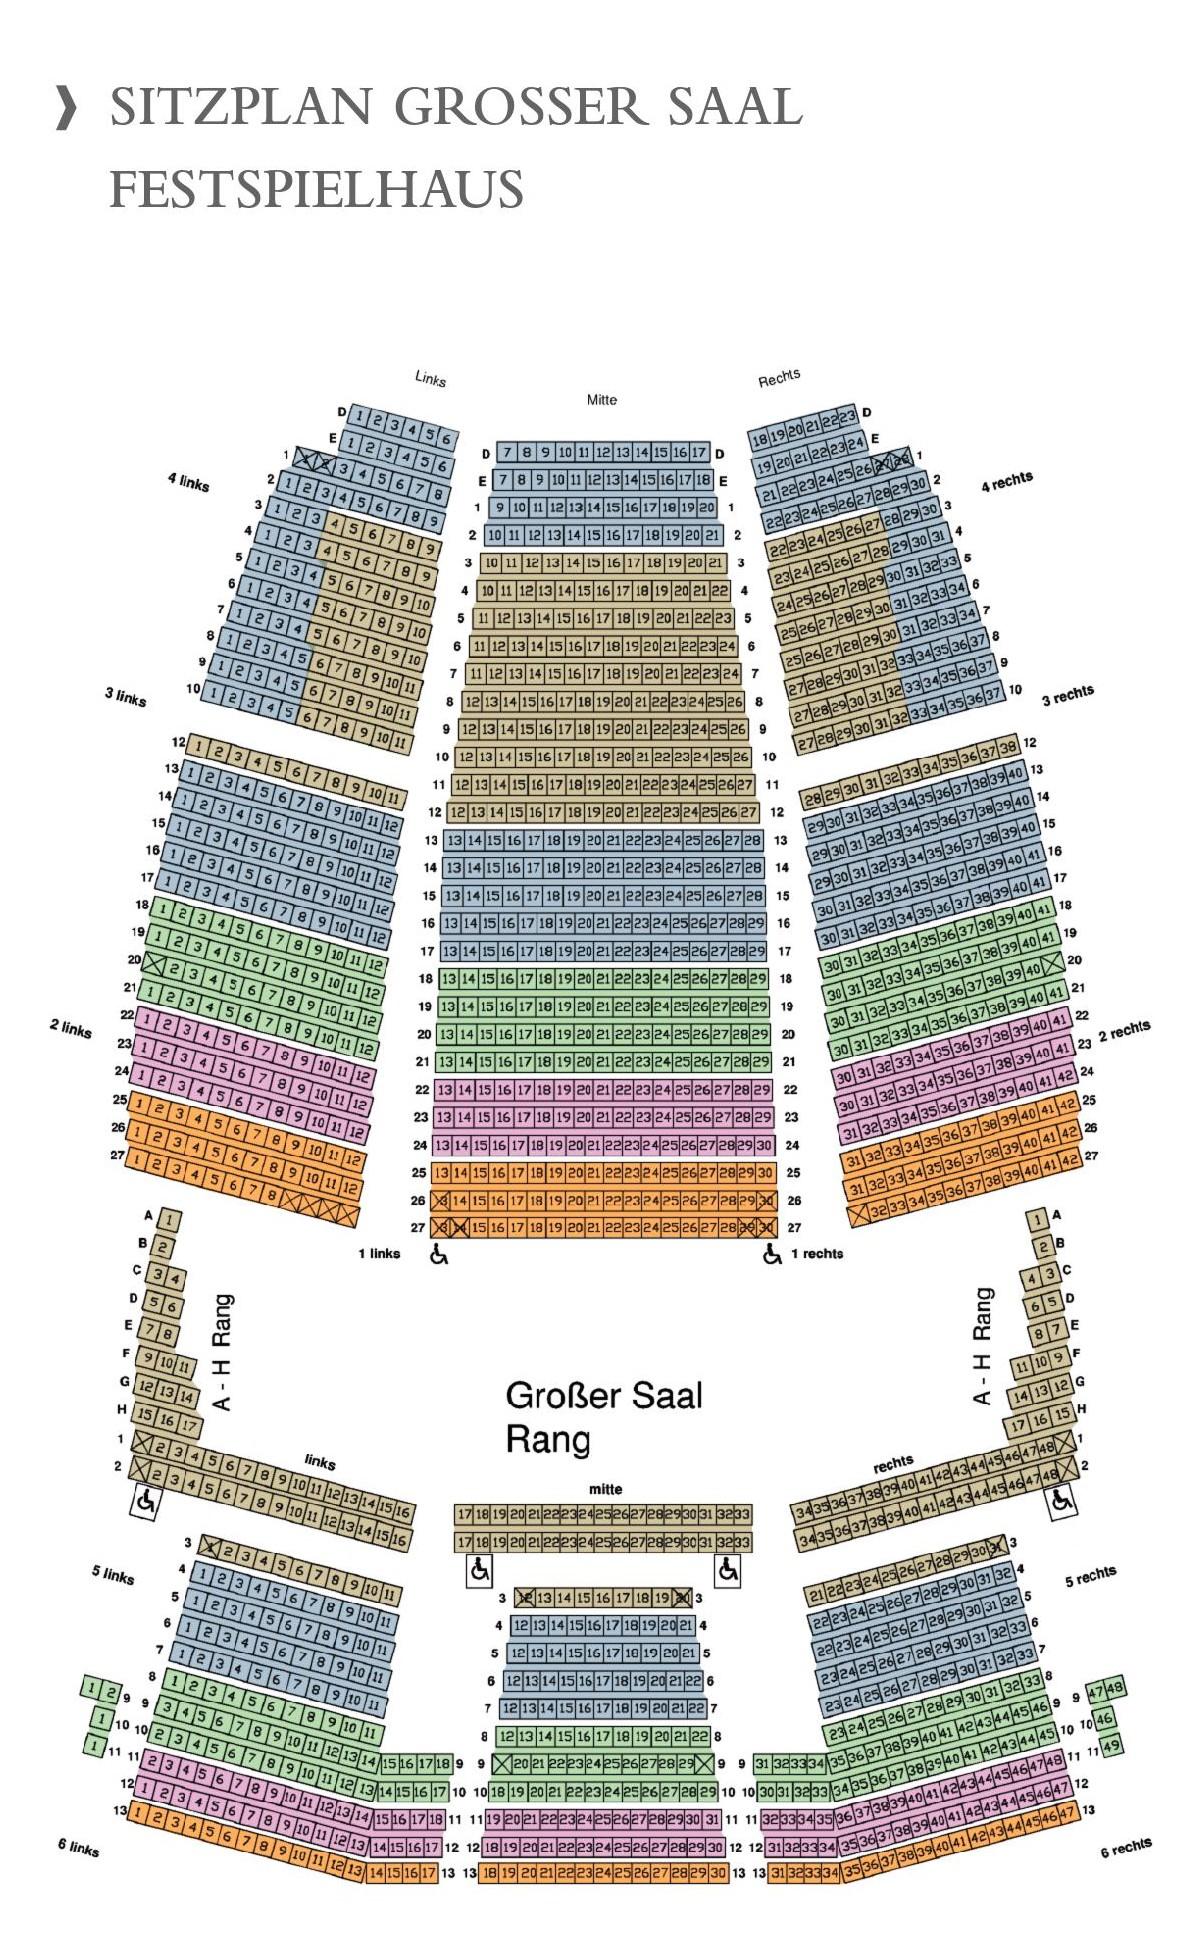 Схема зала Брегенцского Фестиваля. Фестивальный дом (Festspielhaus)